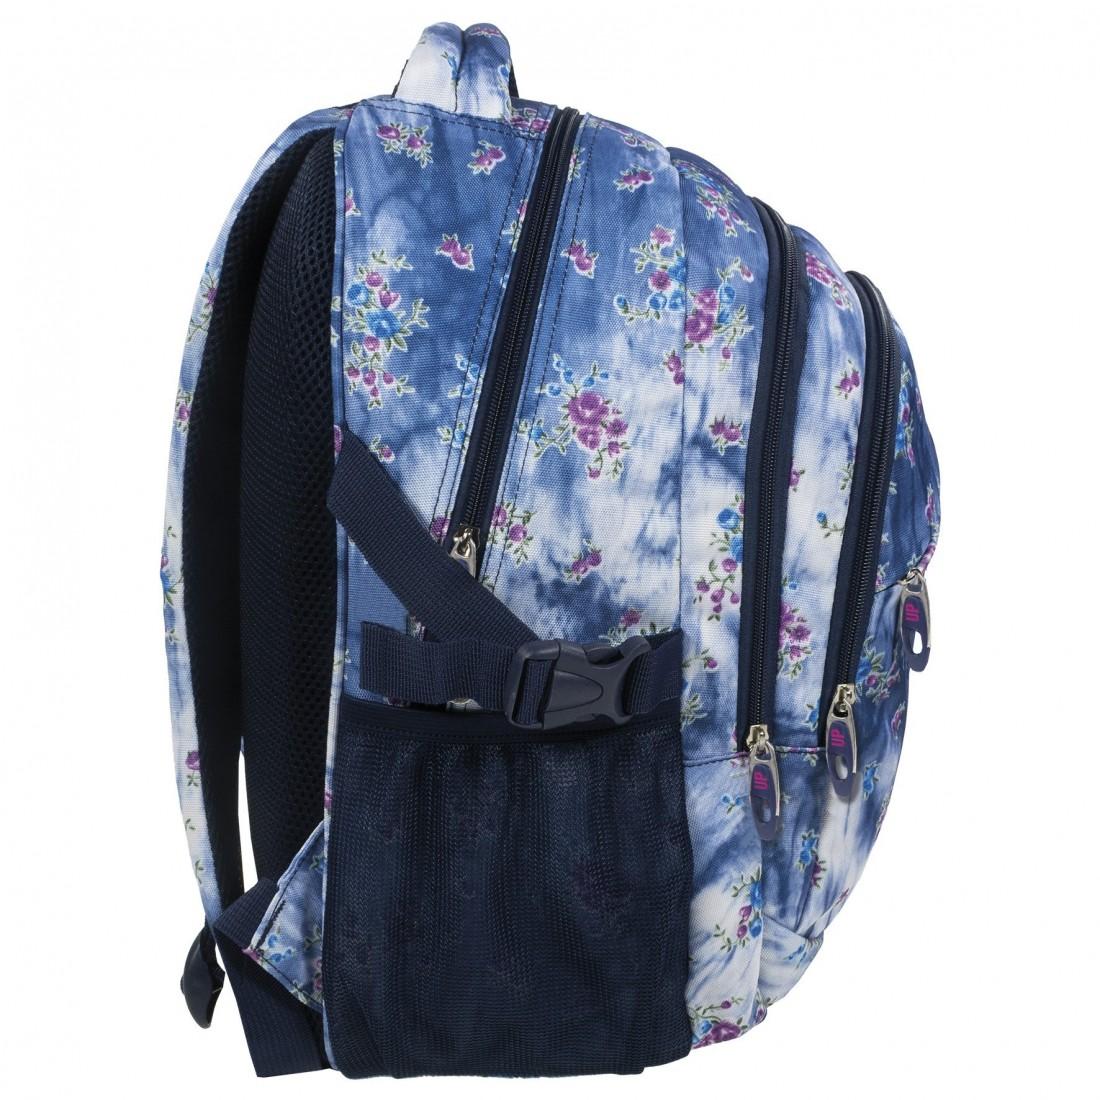 949119d3263d9 ... Plecak szkolny dziewczęcy marmurkowy jeans i kwiatki BackUP G 44.  Obniżka